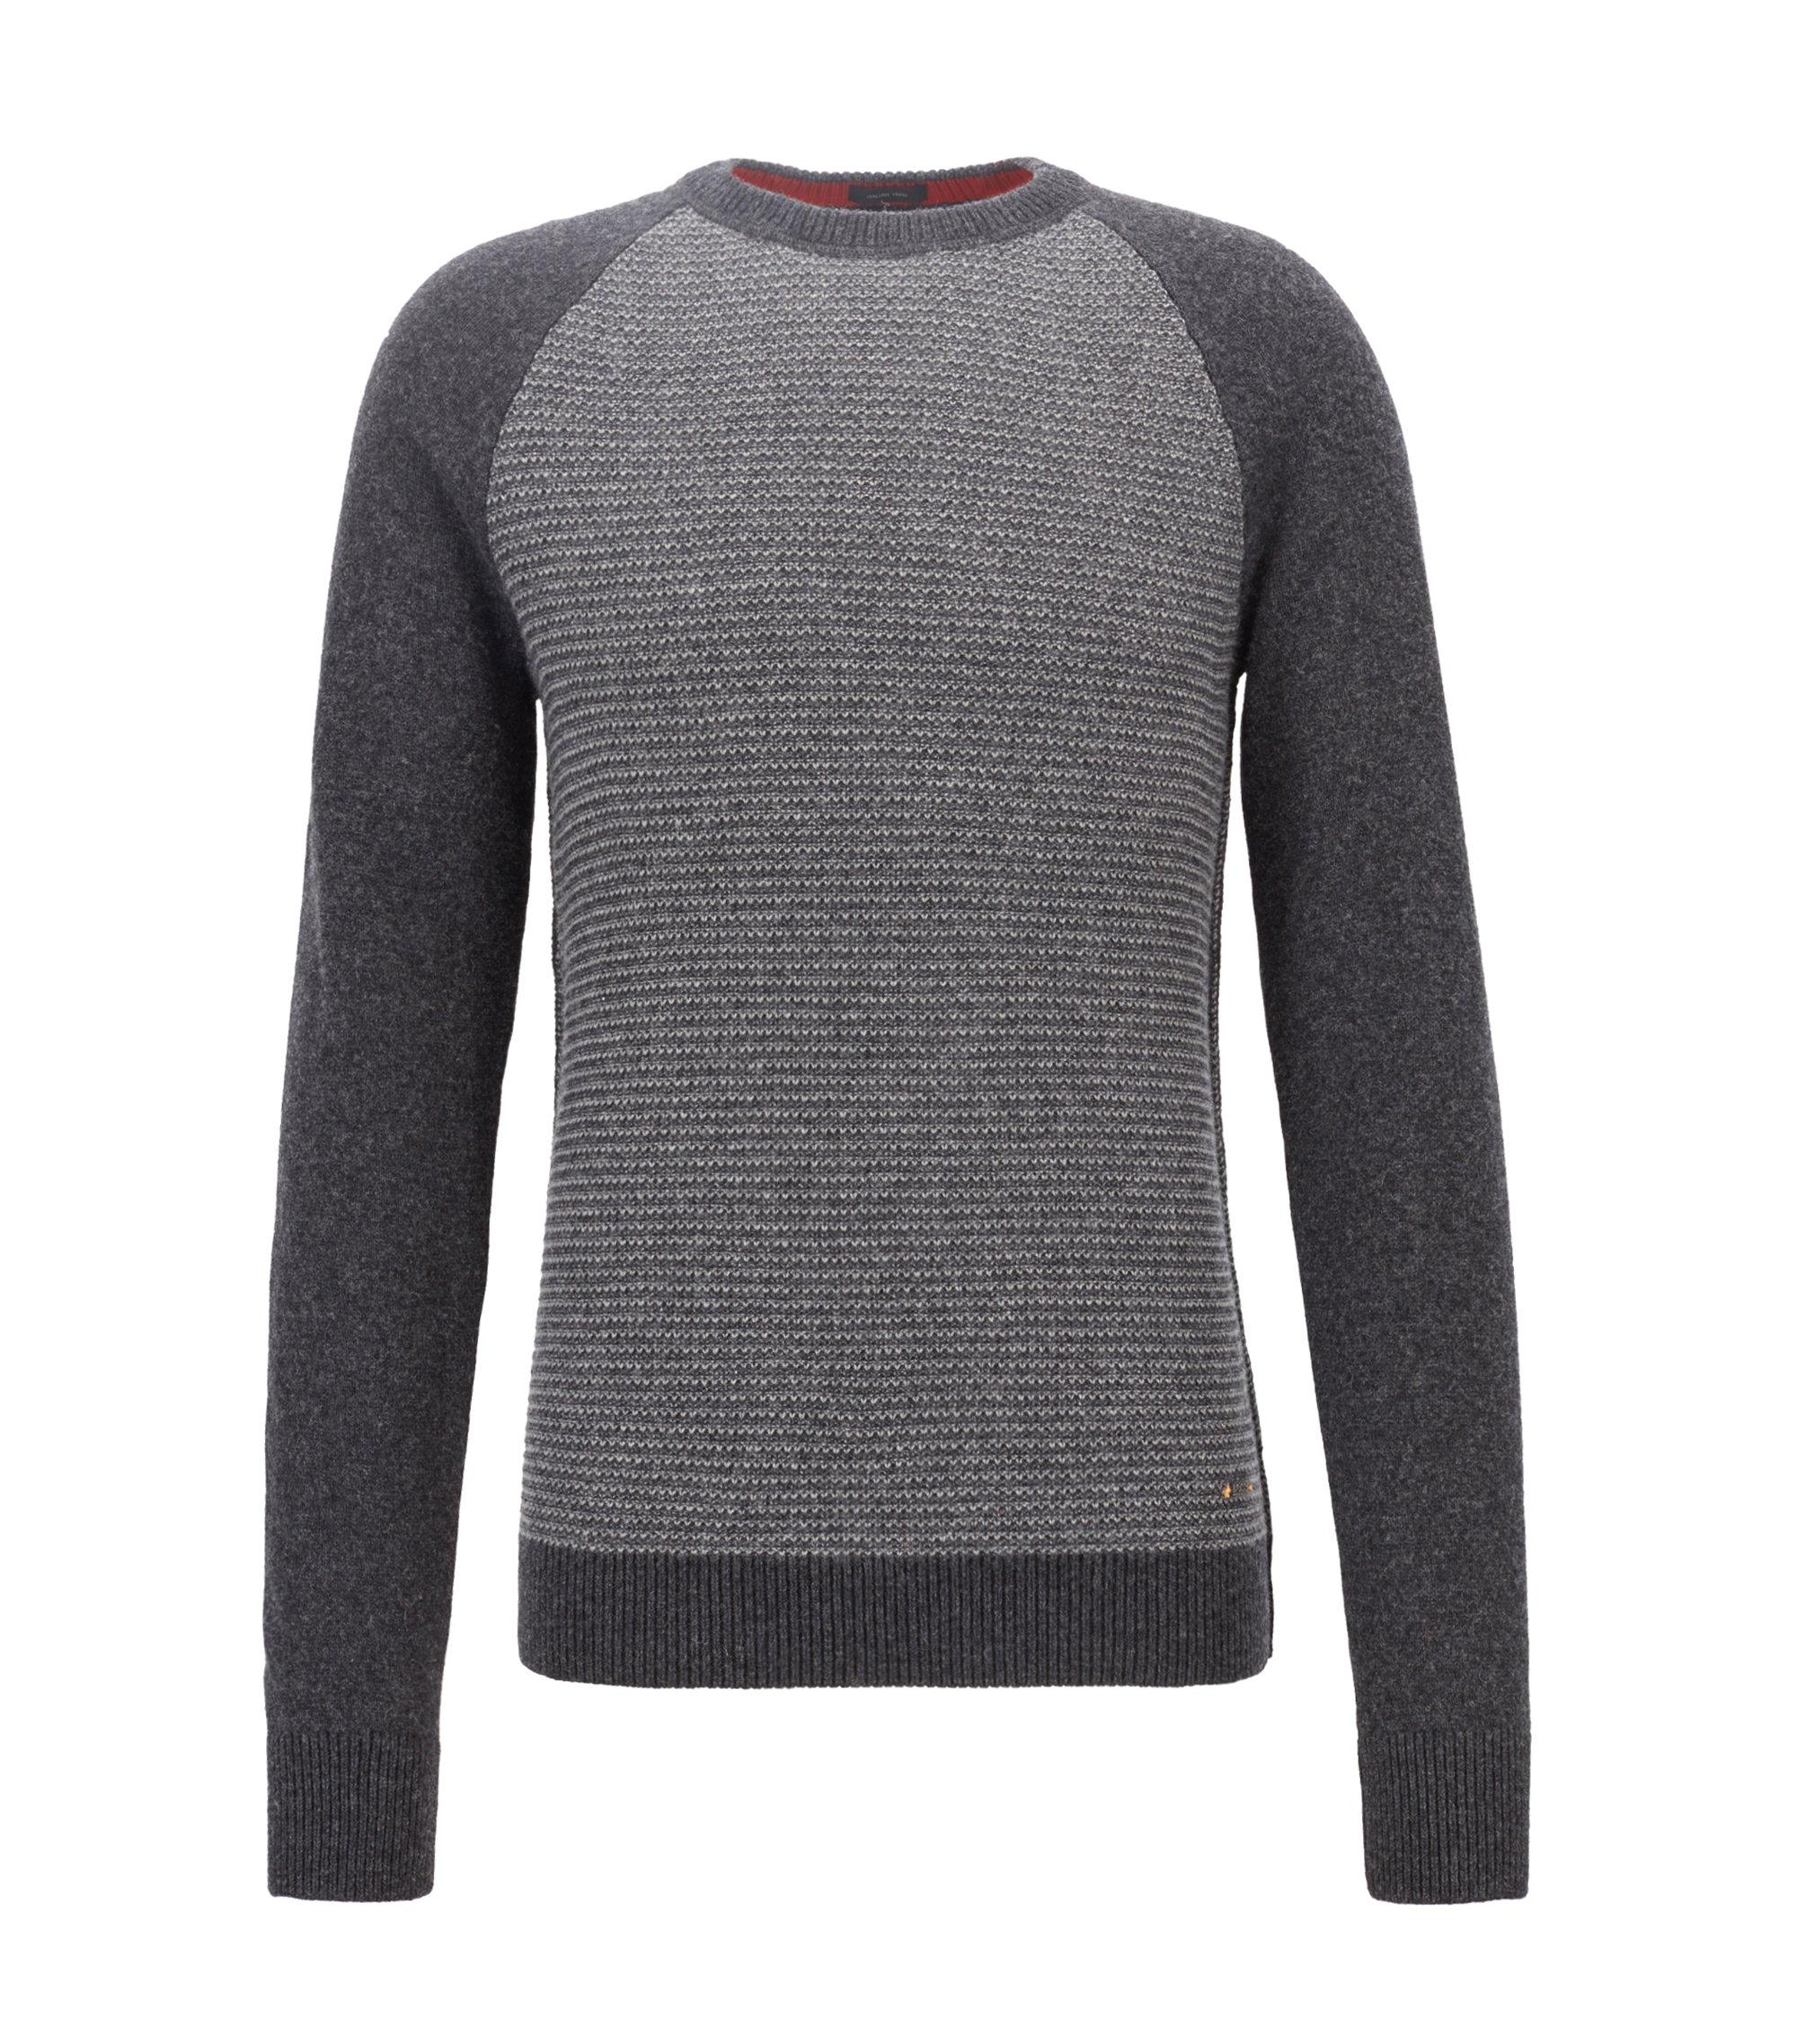 Pullover mit Rundhalsausschnitt aus italienischem Baumwoll-Woll-Mix, Dunkelgrau